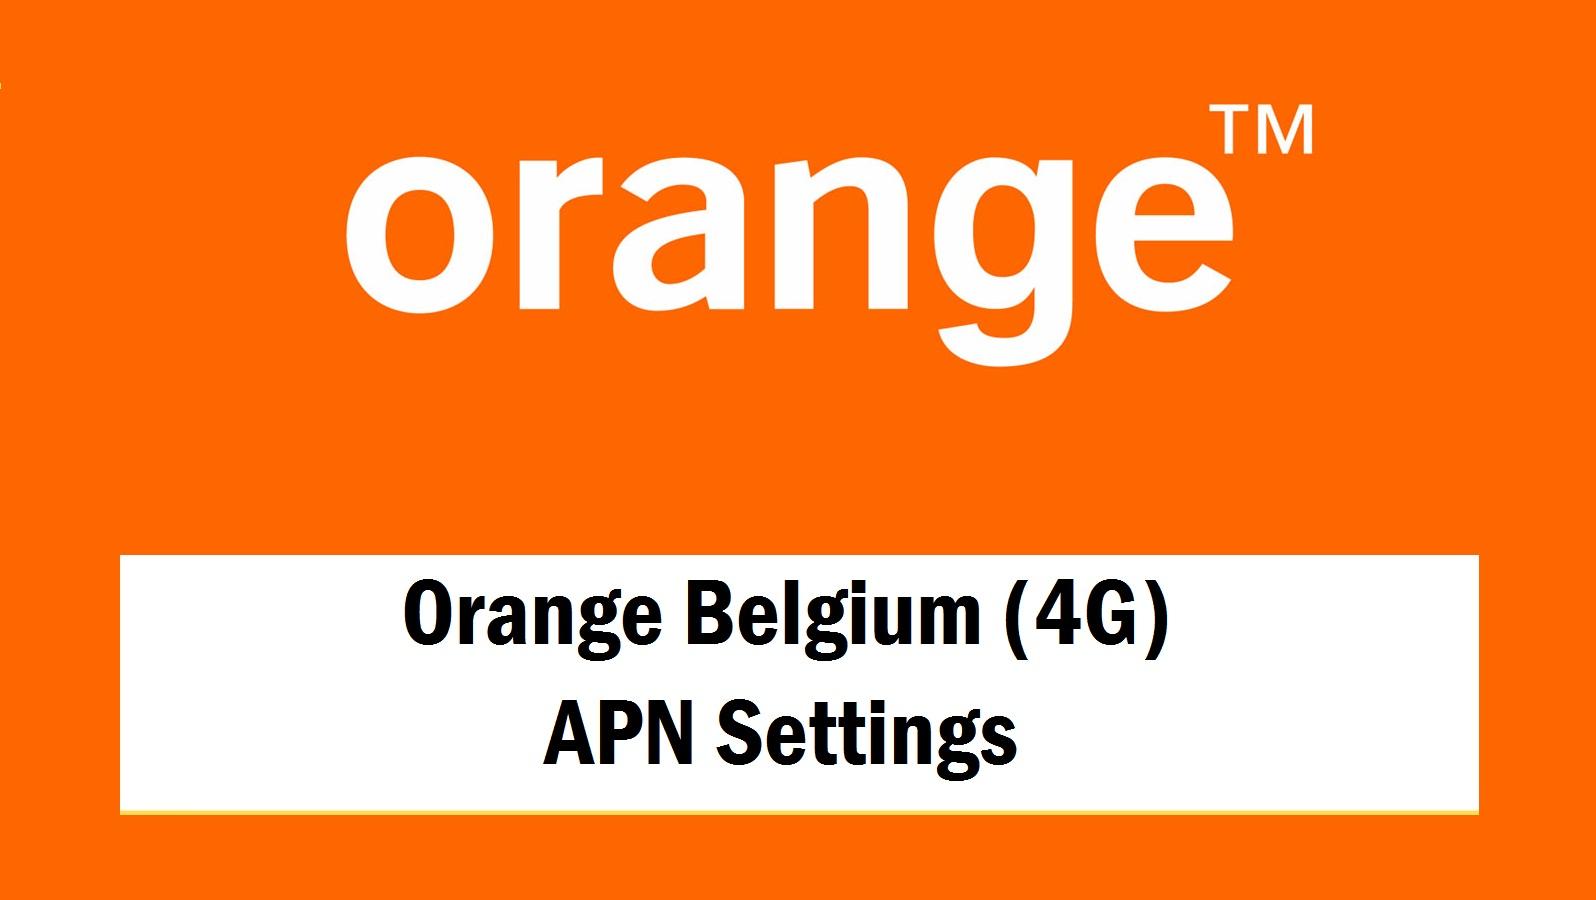 Orange Belgium (4G) APN Settings